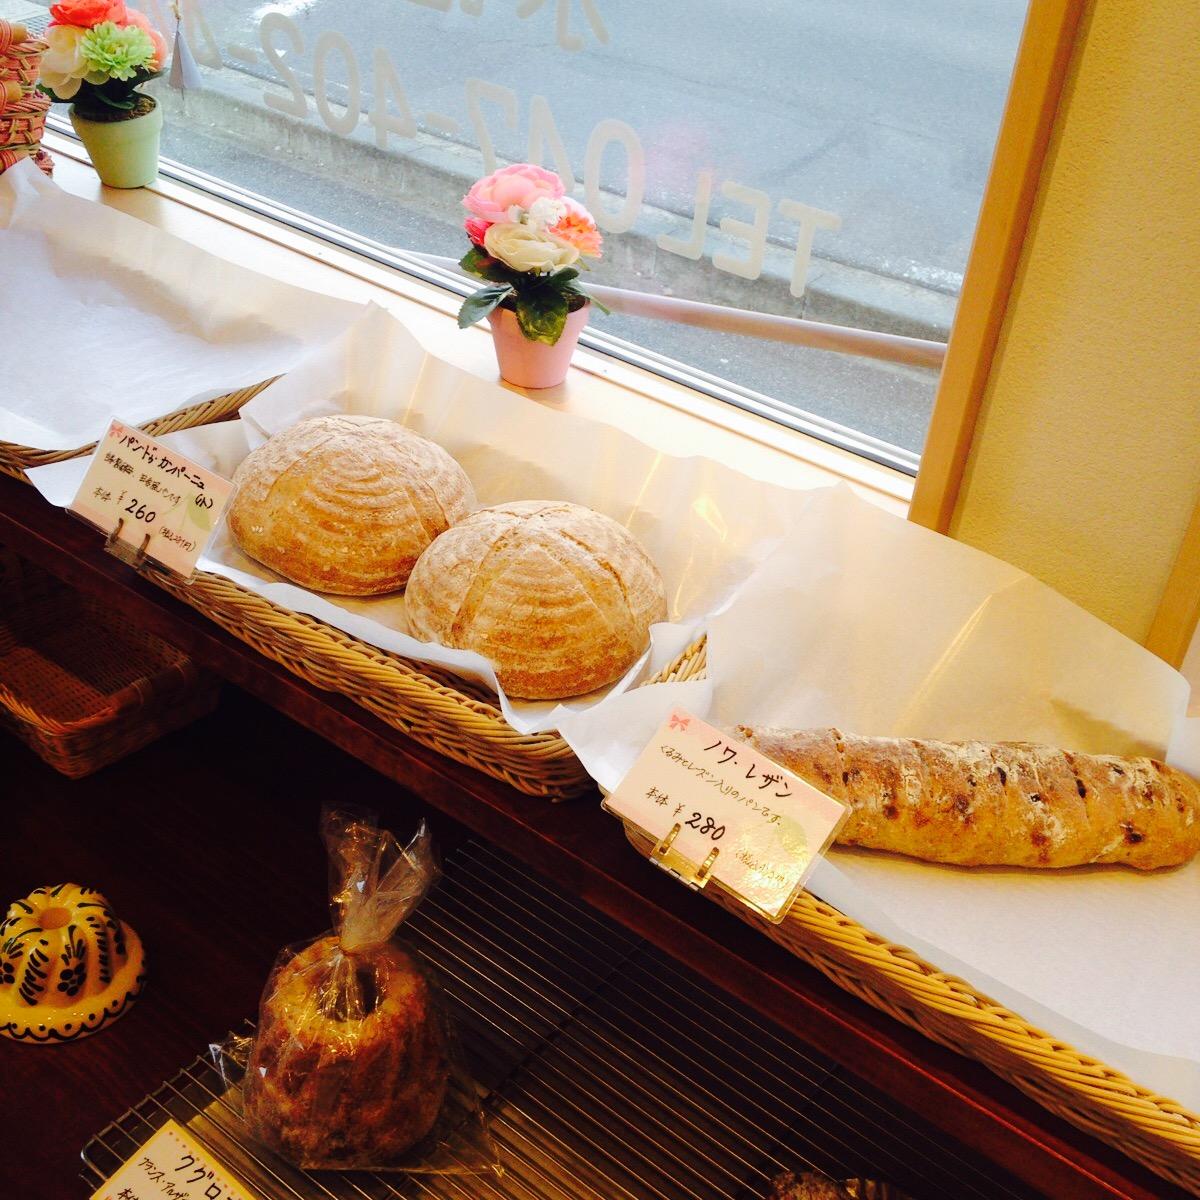 本格的なスイーツを堪能できる隠れ家洋菓子店『POIRIER』(千葉県白井市)